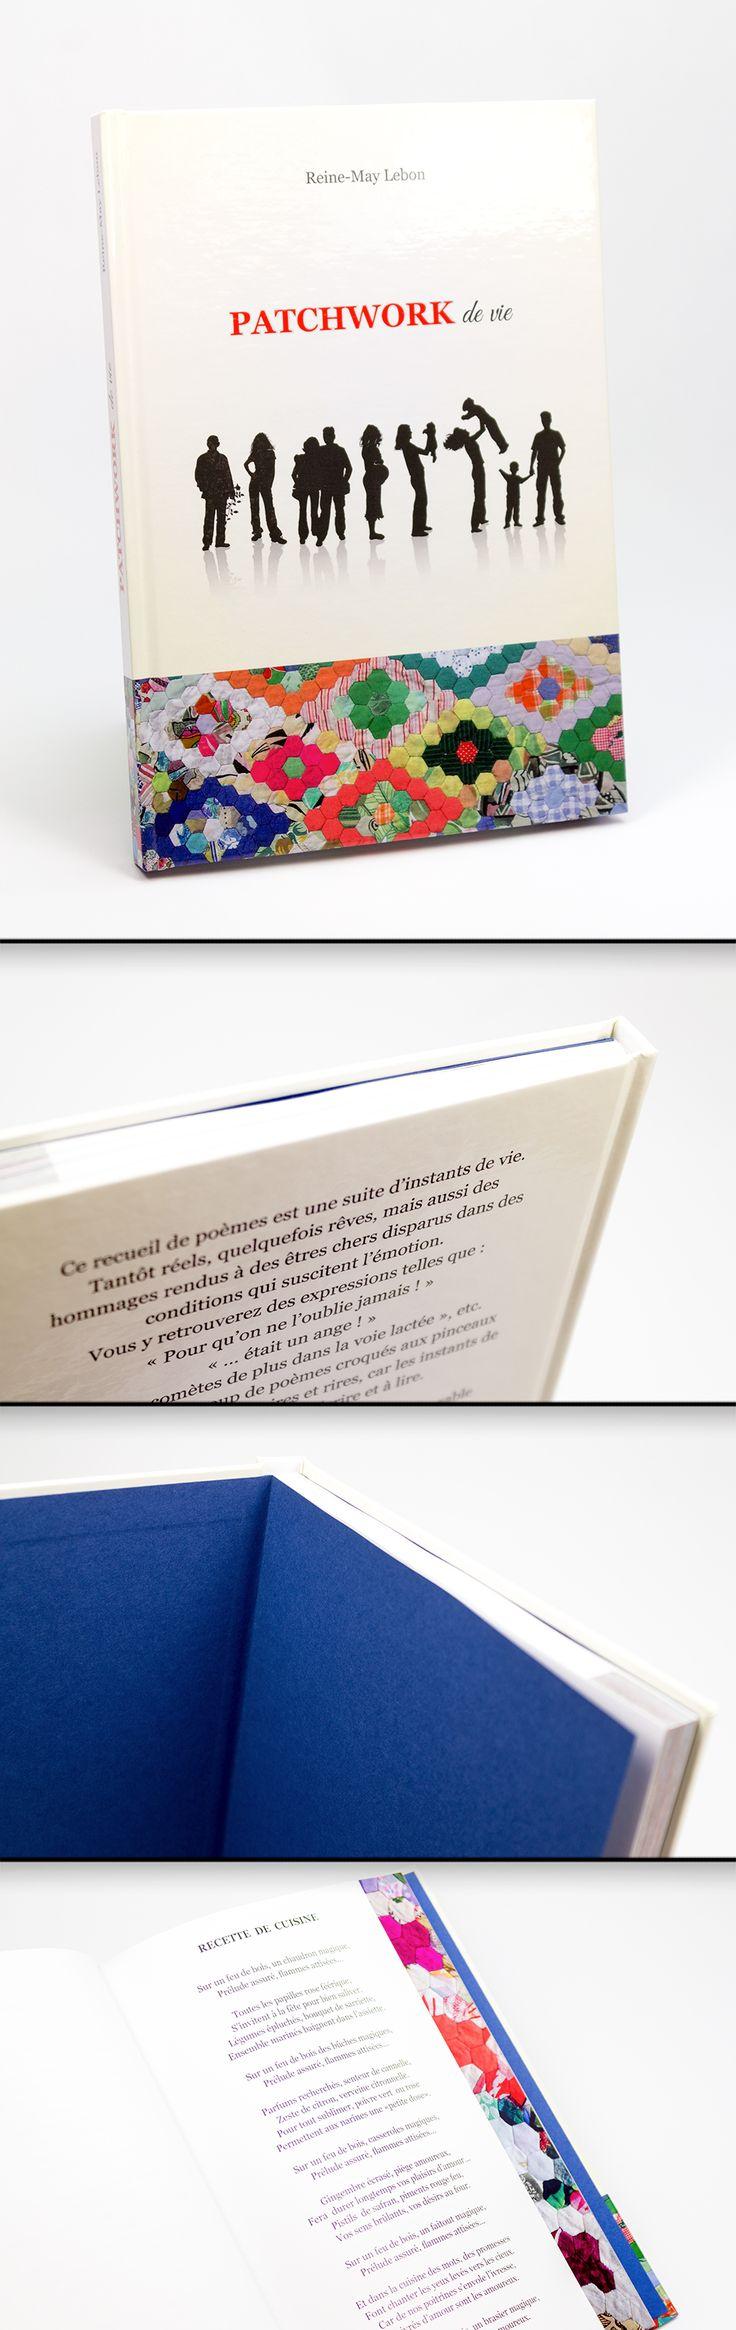 Livre contrecollé en 15,4x22,1cm / Couverture quadri sur papier Couché Satiné 150gr + pelliculage Brillant sur carton 20/10ème / Intérieur quadri sur Couché Satiné 150gr #hardcover #HPIndigo